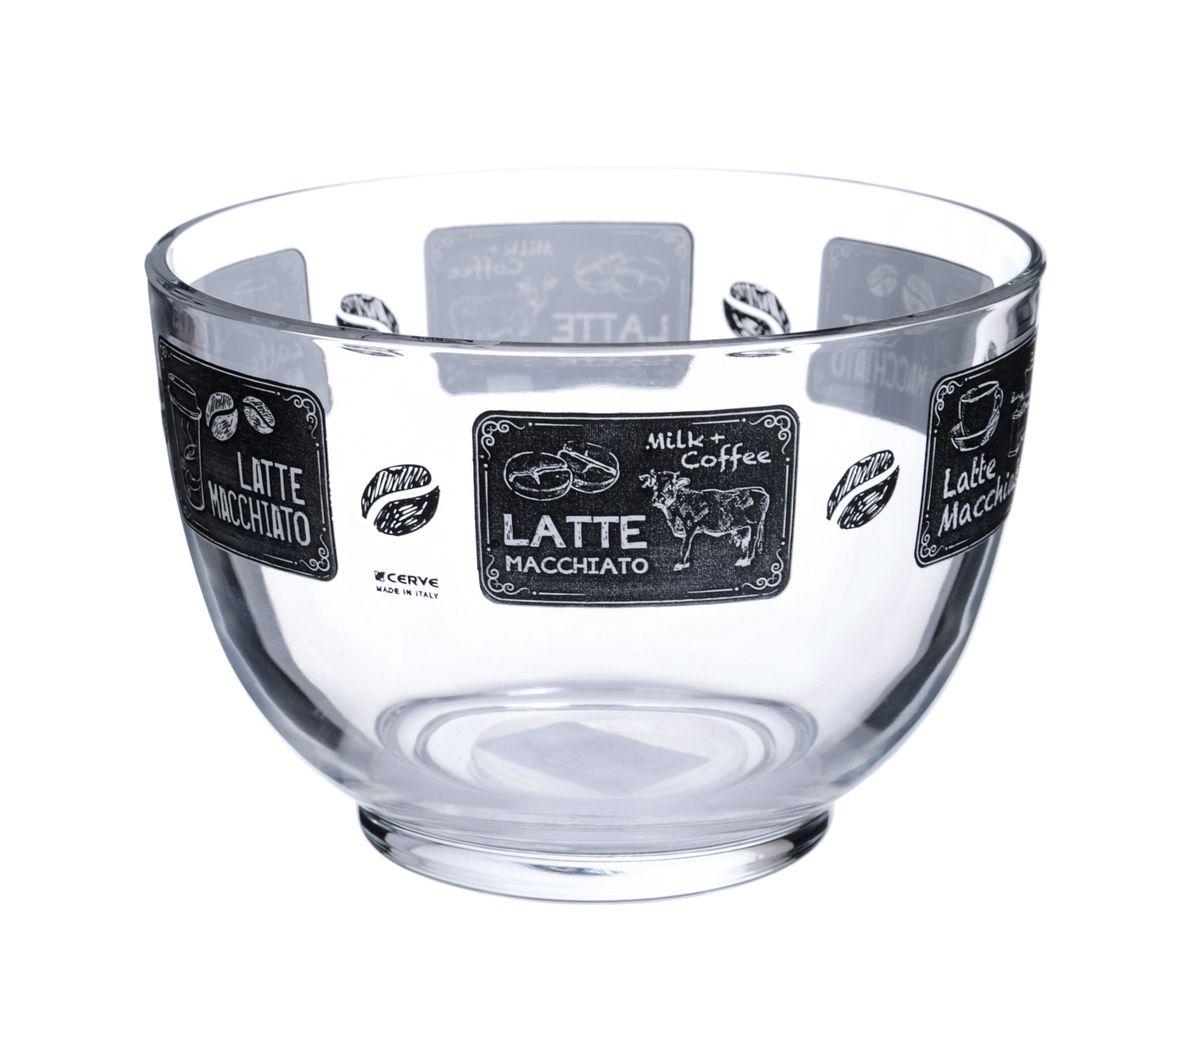 Салатница Cerve Кофейня, цвет: прозрачный, черный, 690 мл салатницы